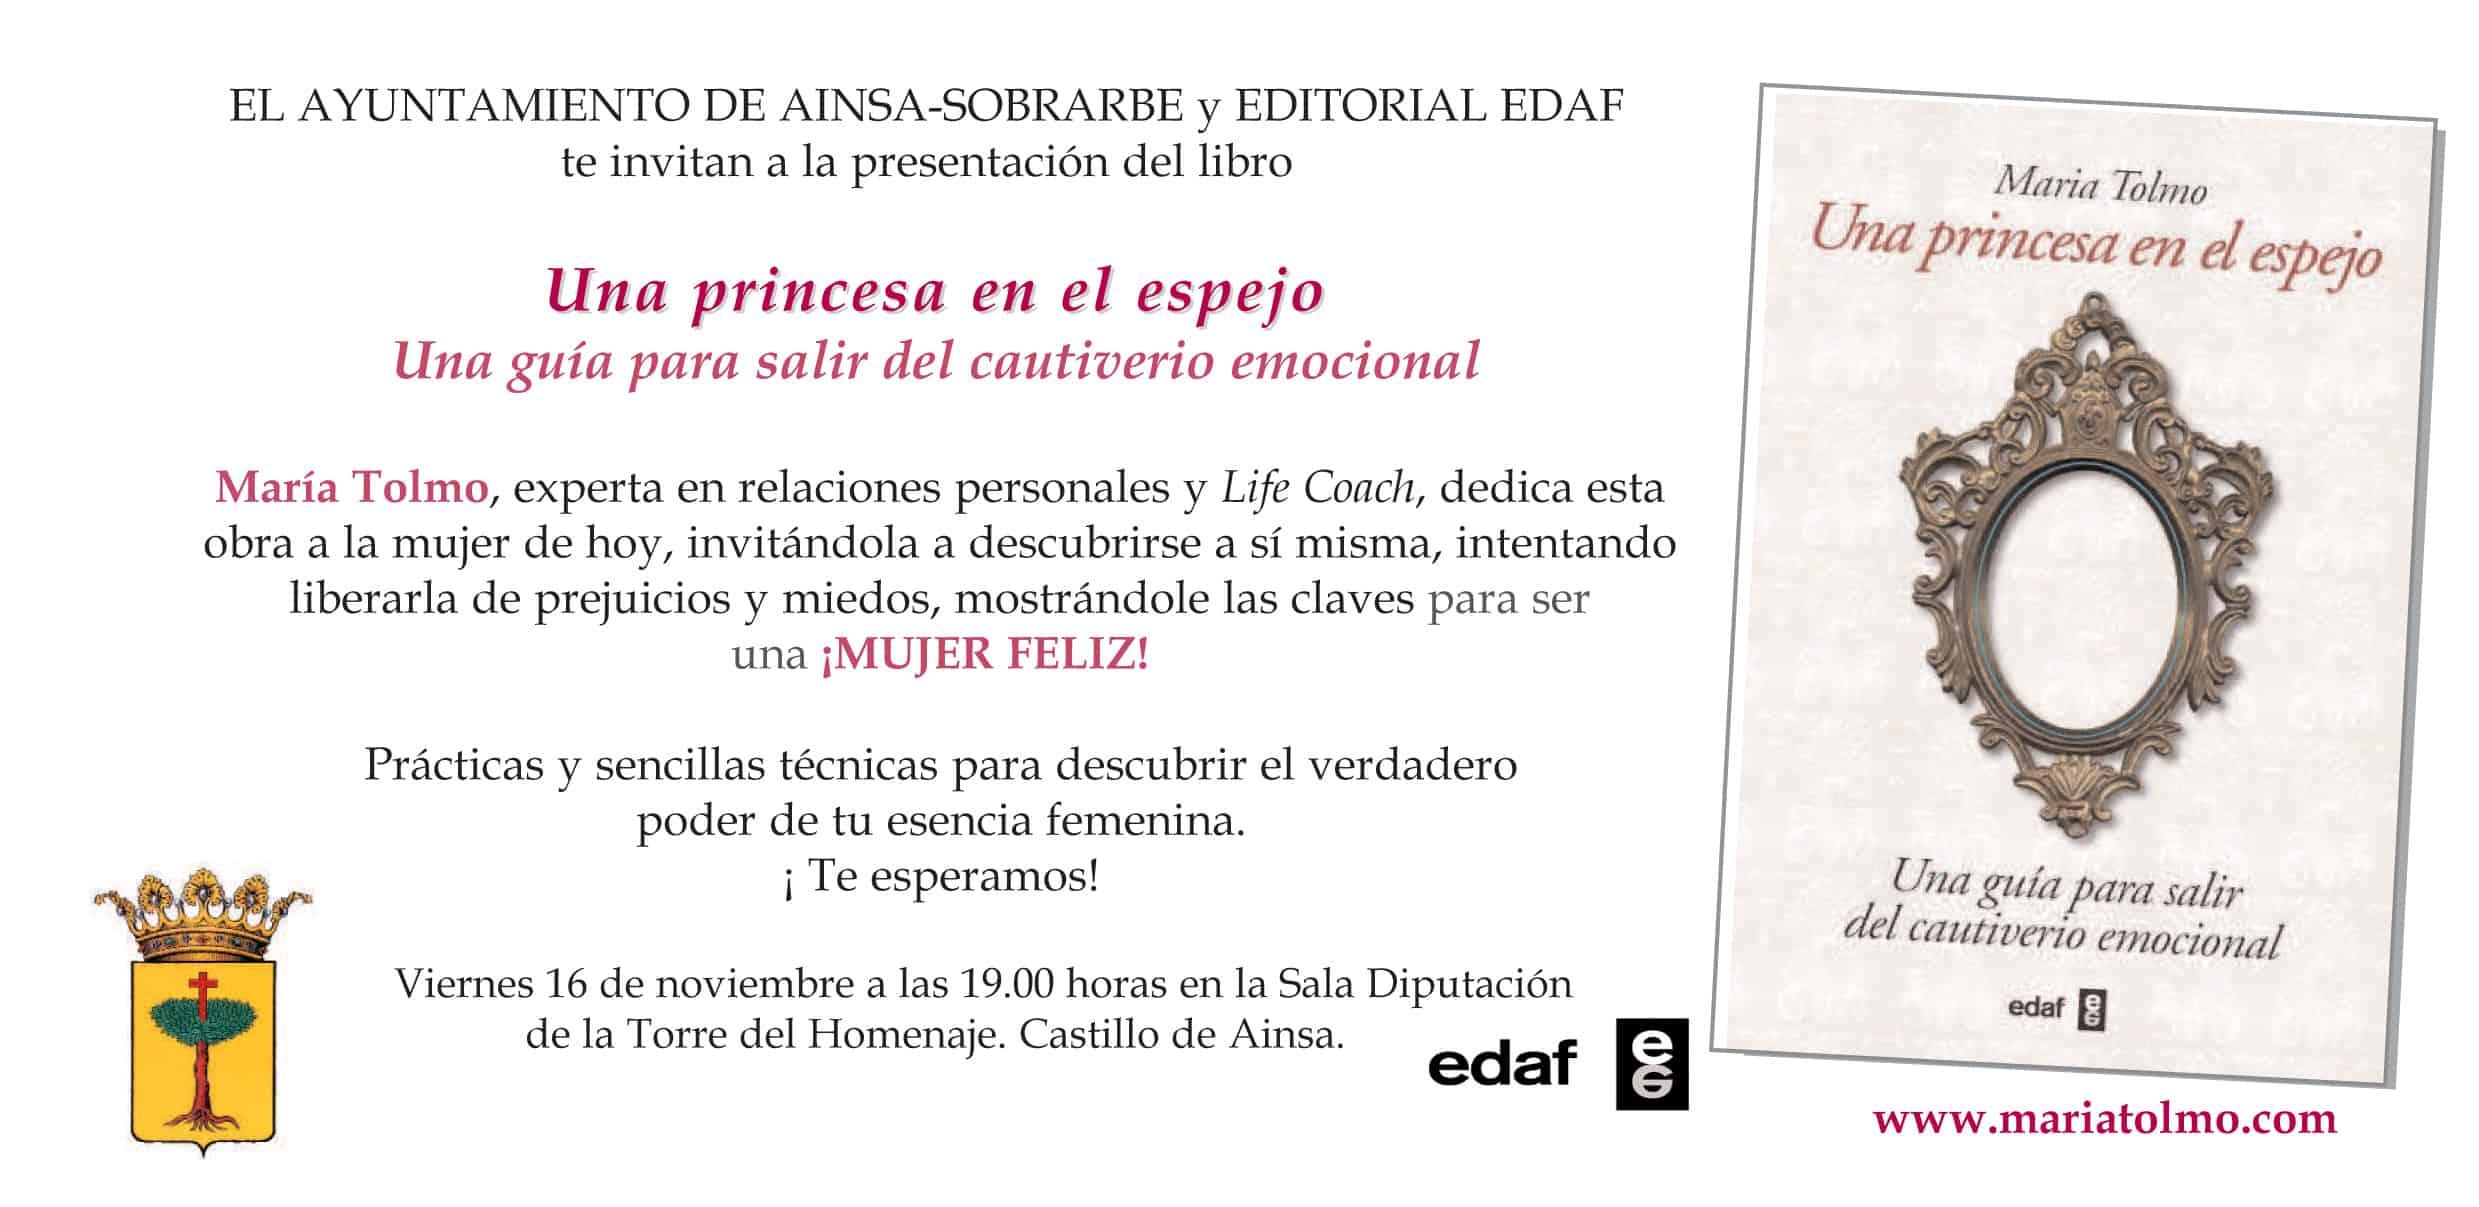 una_princesa_en_el_espejo_invitacion_ainsa.jpg